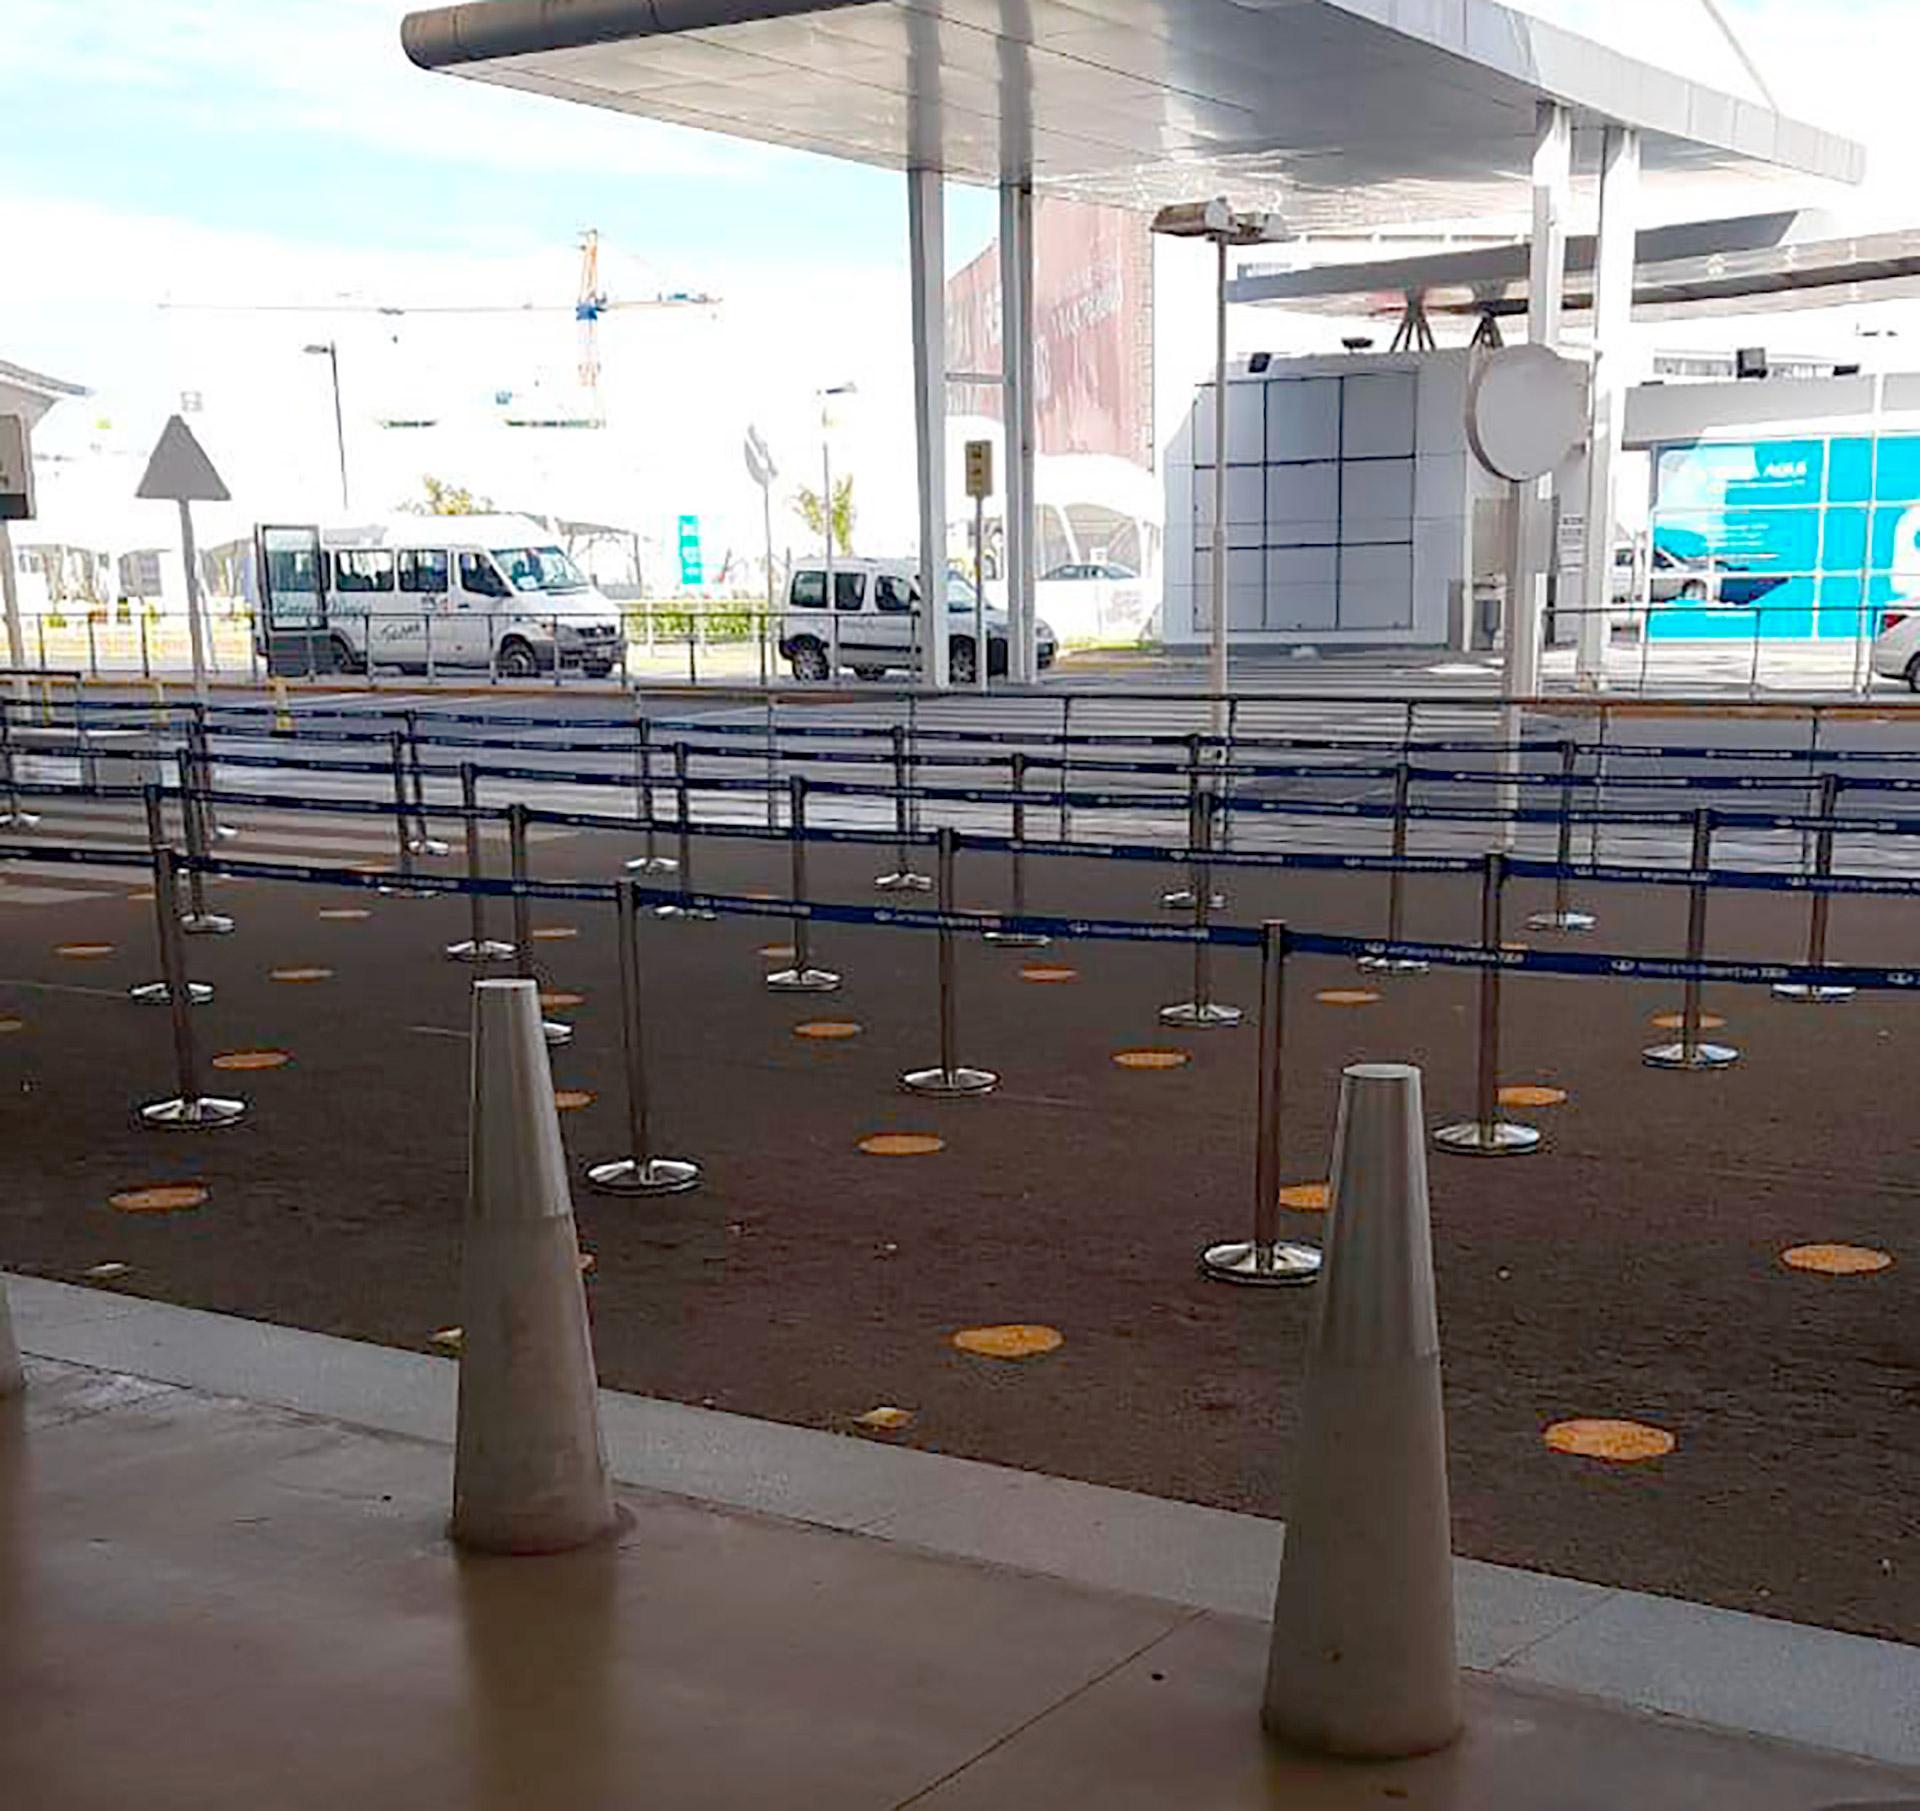 De ser necesario, las filas continuarán en el exterior tomando espacios de la vereda y lo que se conoce como